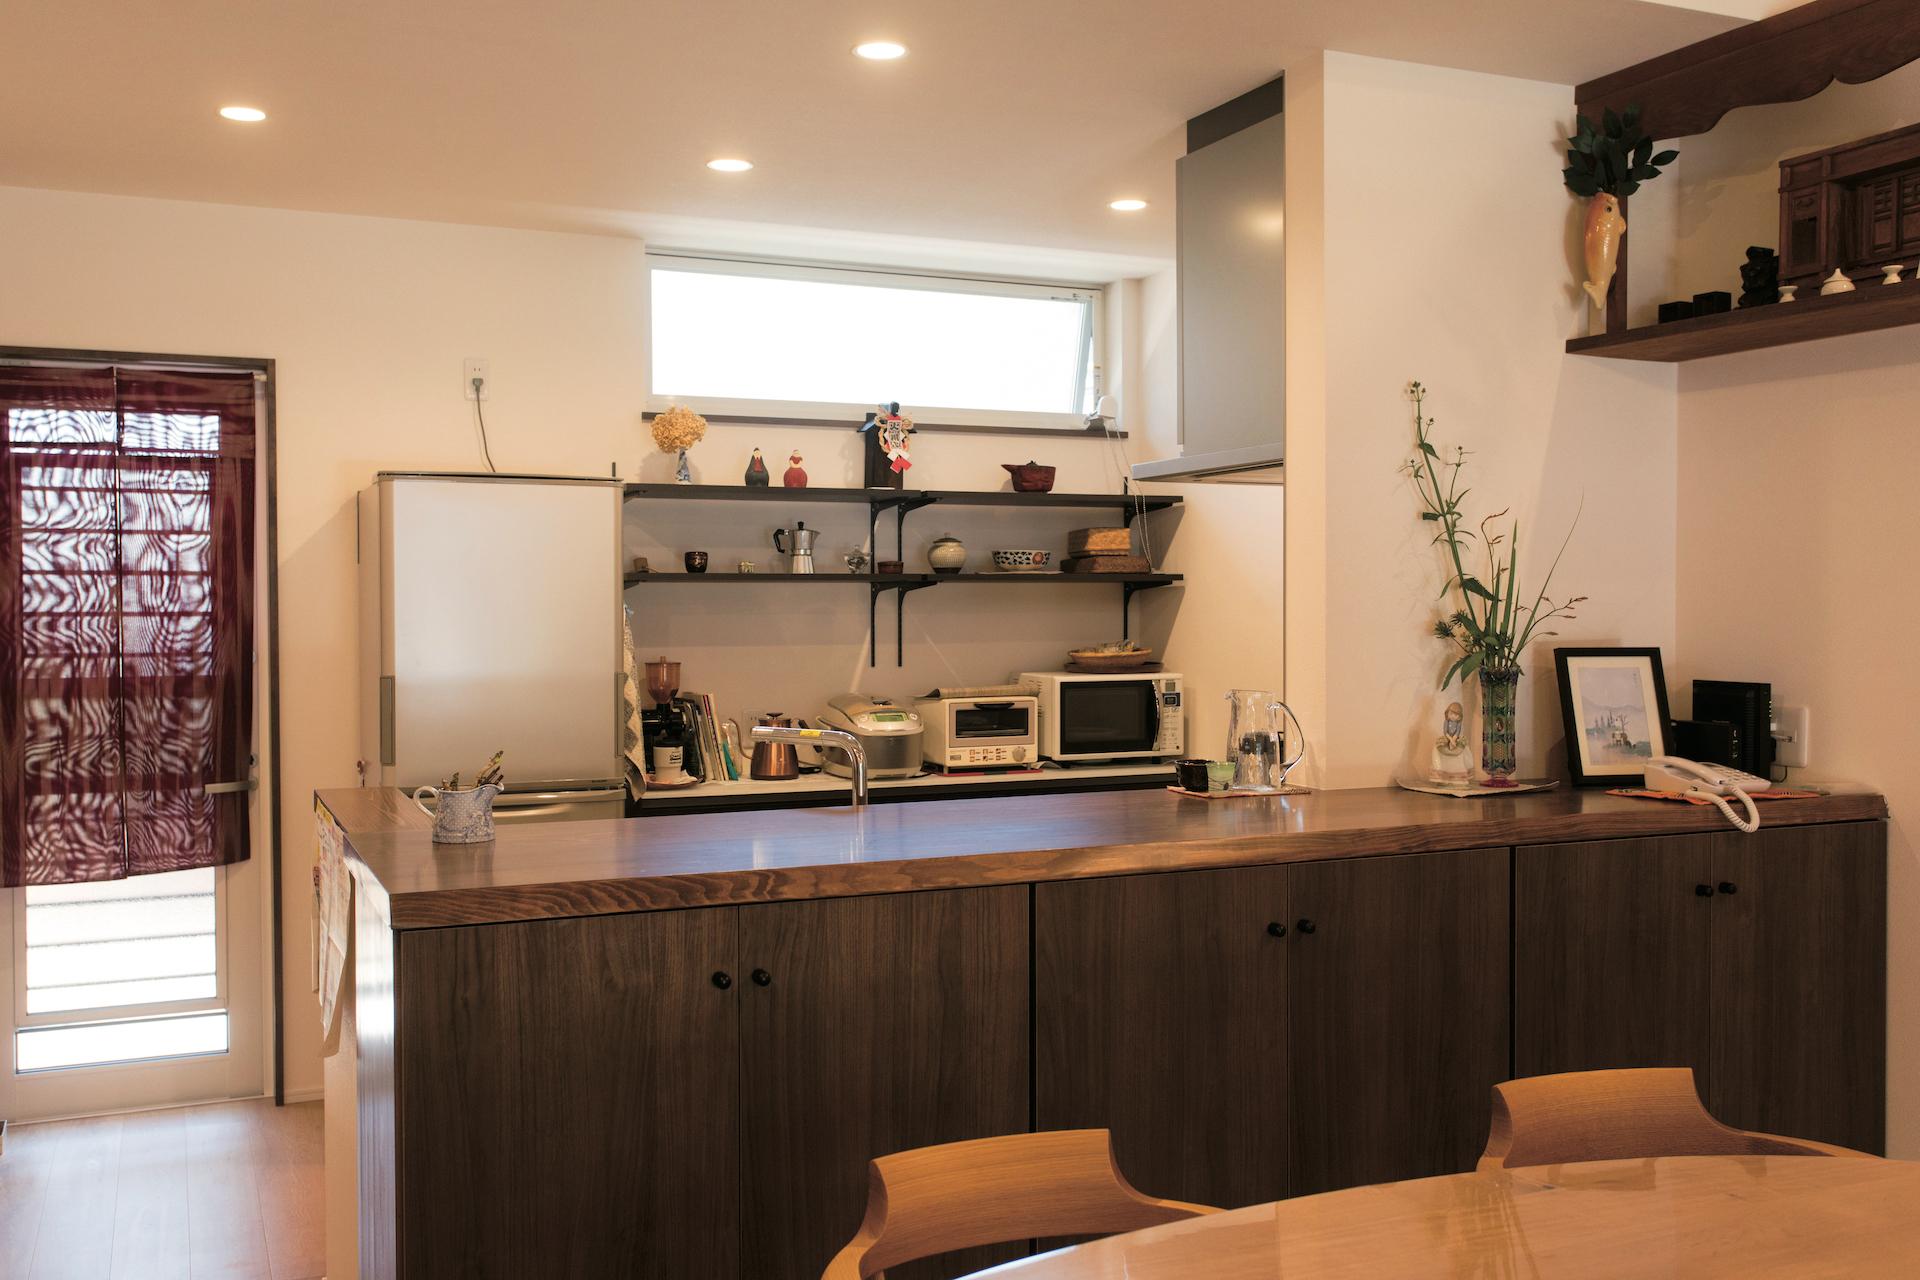 落ち着いた色味で統一されたキッチン。広いカウンターで配膳も楽々